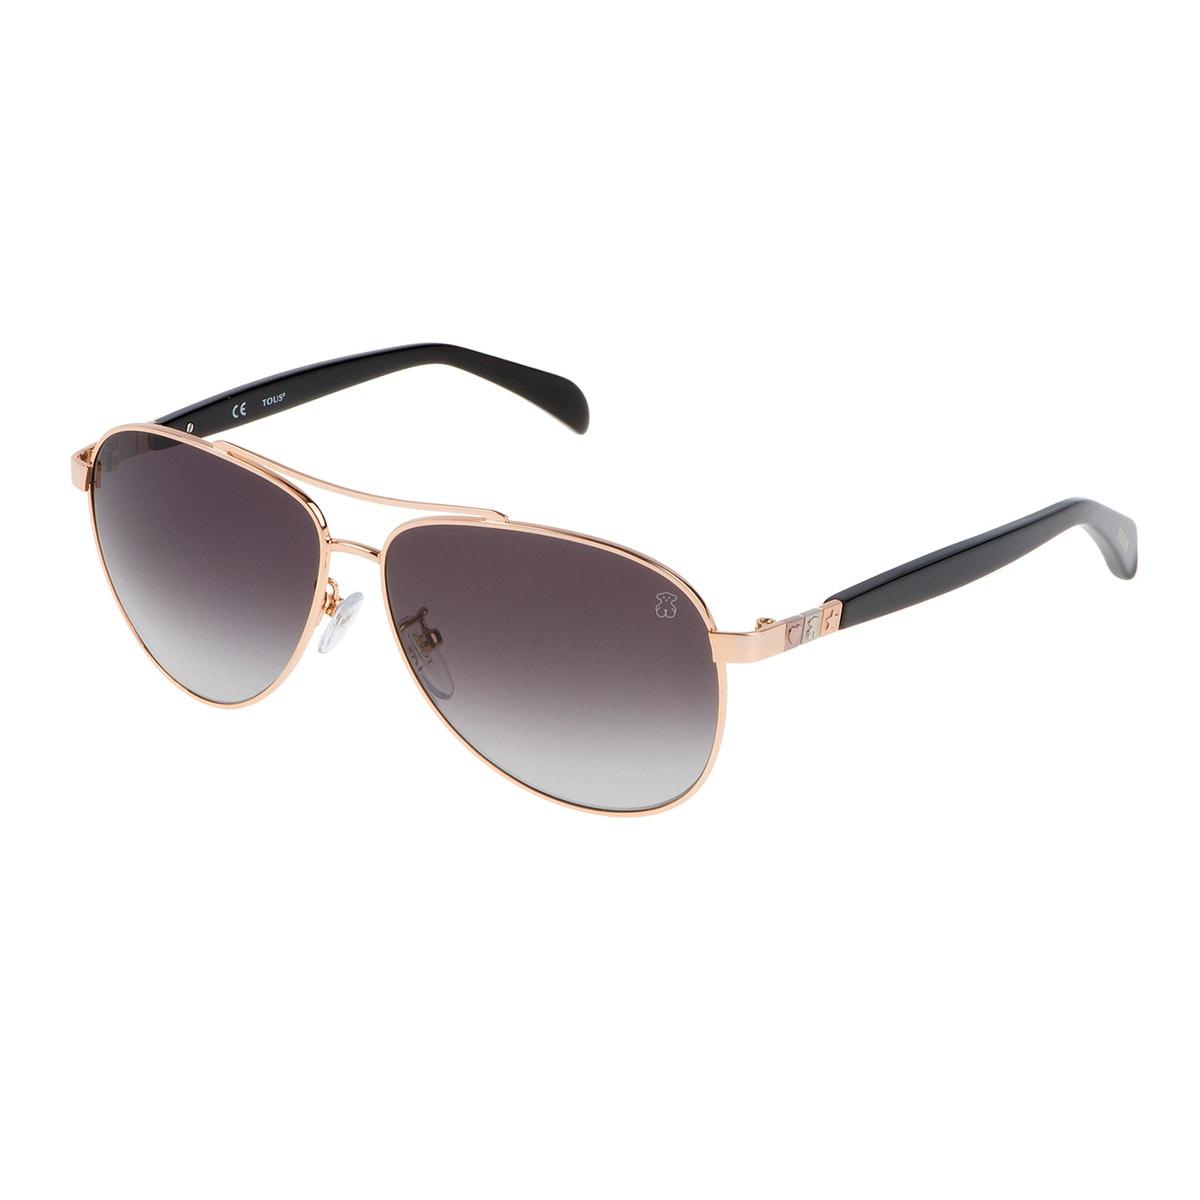 9266f5866b Tille Pilot Sunglasses - Tous Site Puerto Rico